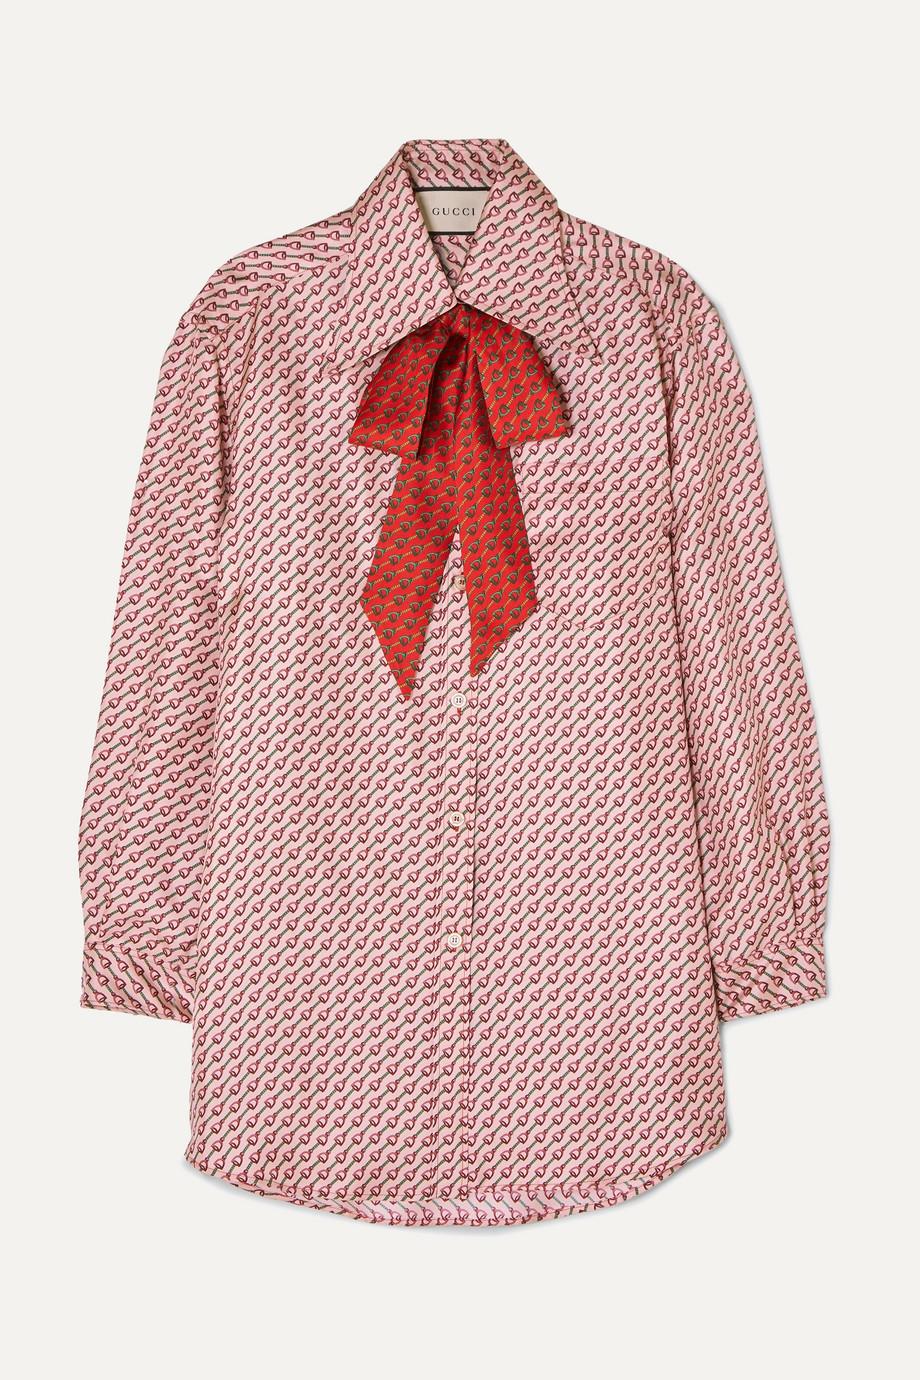 Gucci Pussy-bow printed silk-twill shirt